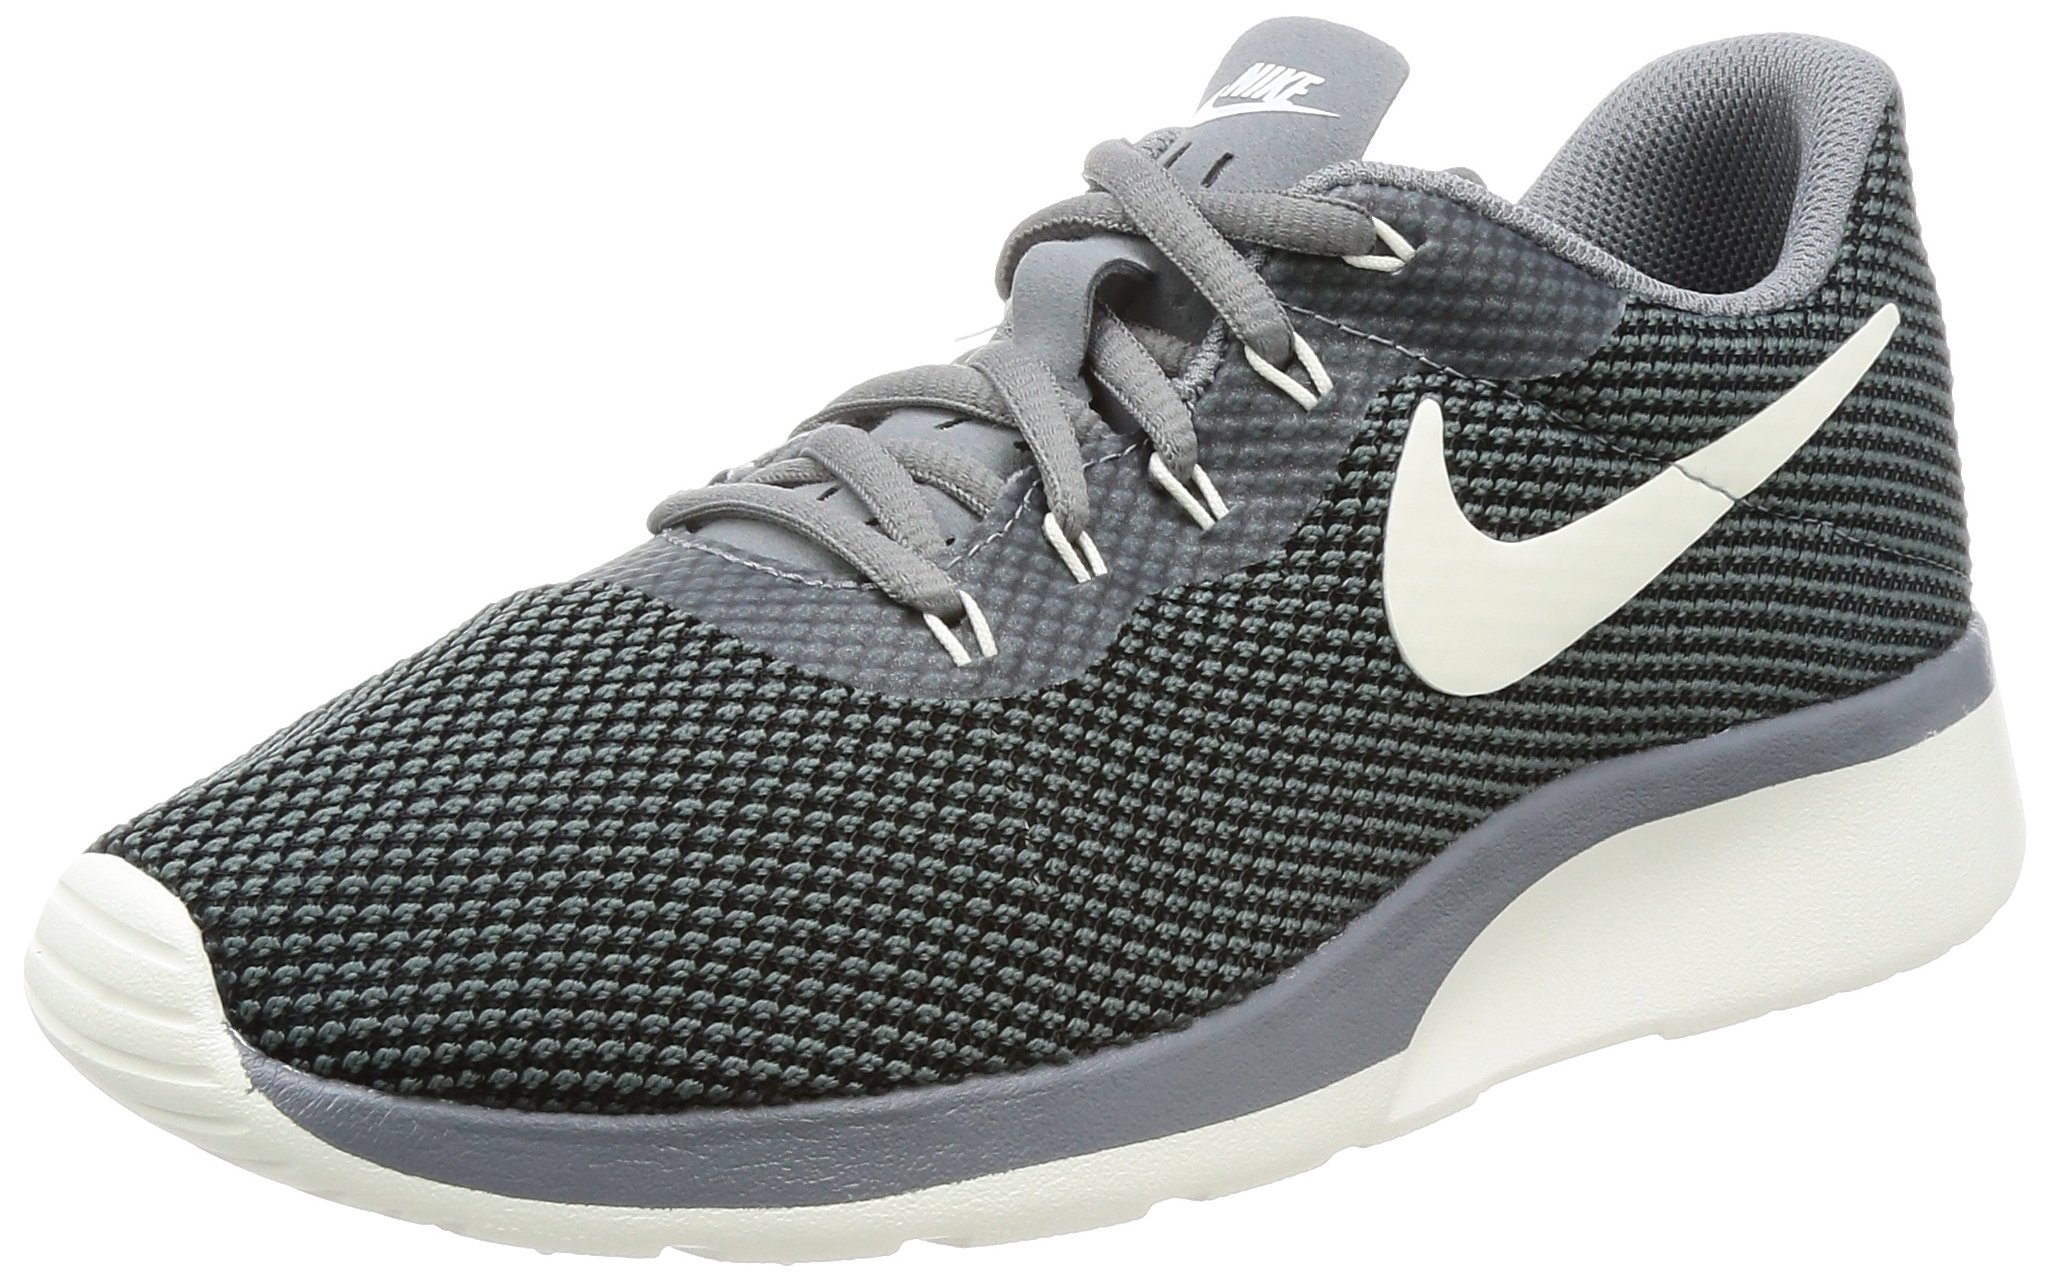 Nike 921668-003 : Women's Tanjun Racer Running Shoe Cool Grey Sail Black by Nike